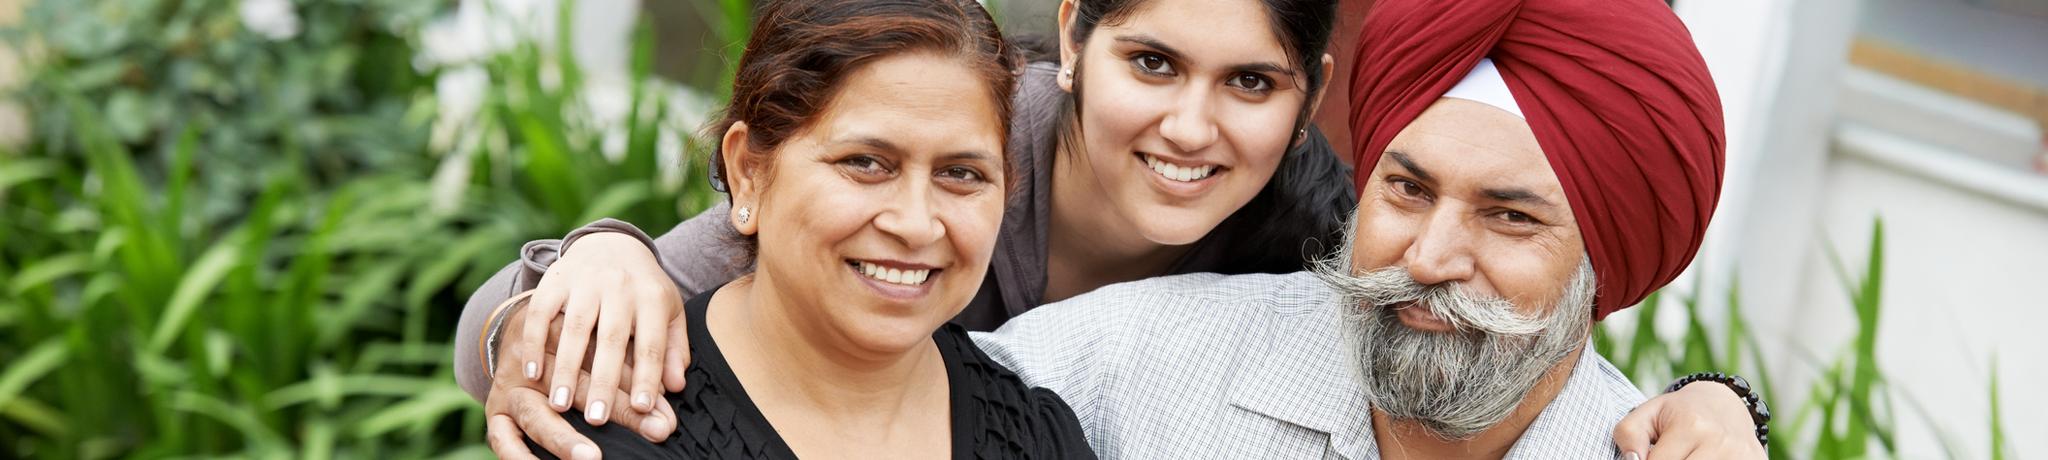 Smiling Sikh family